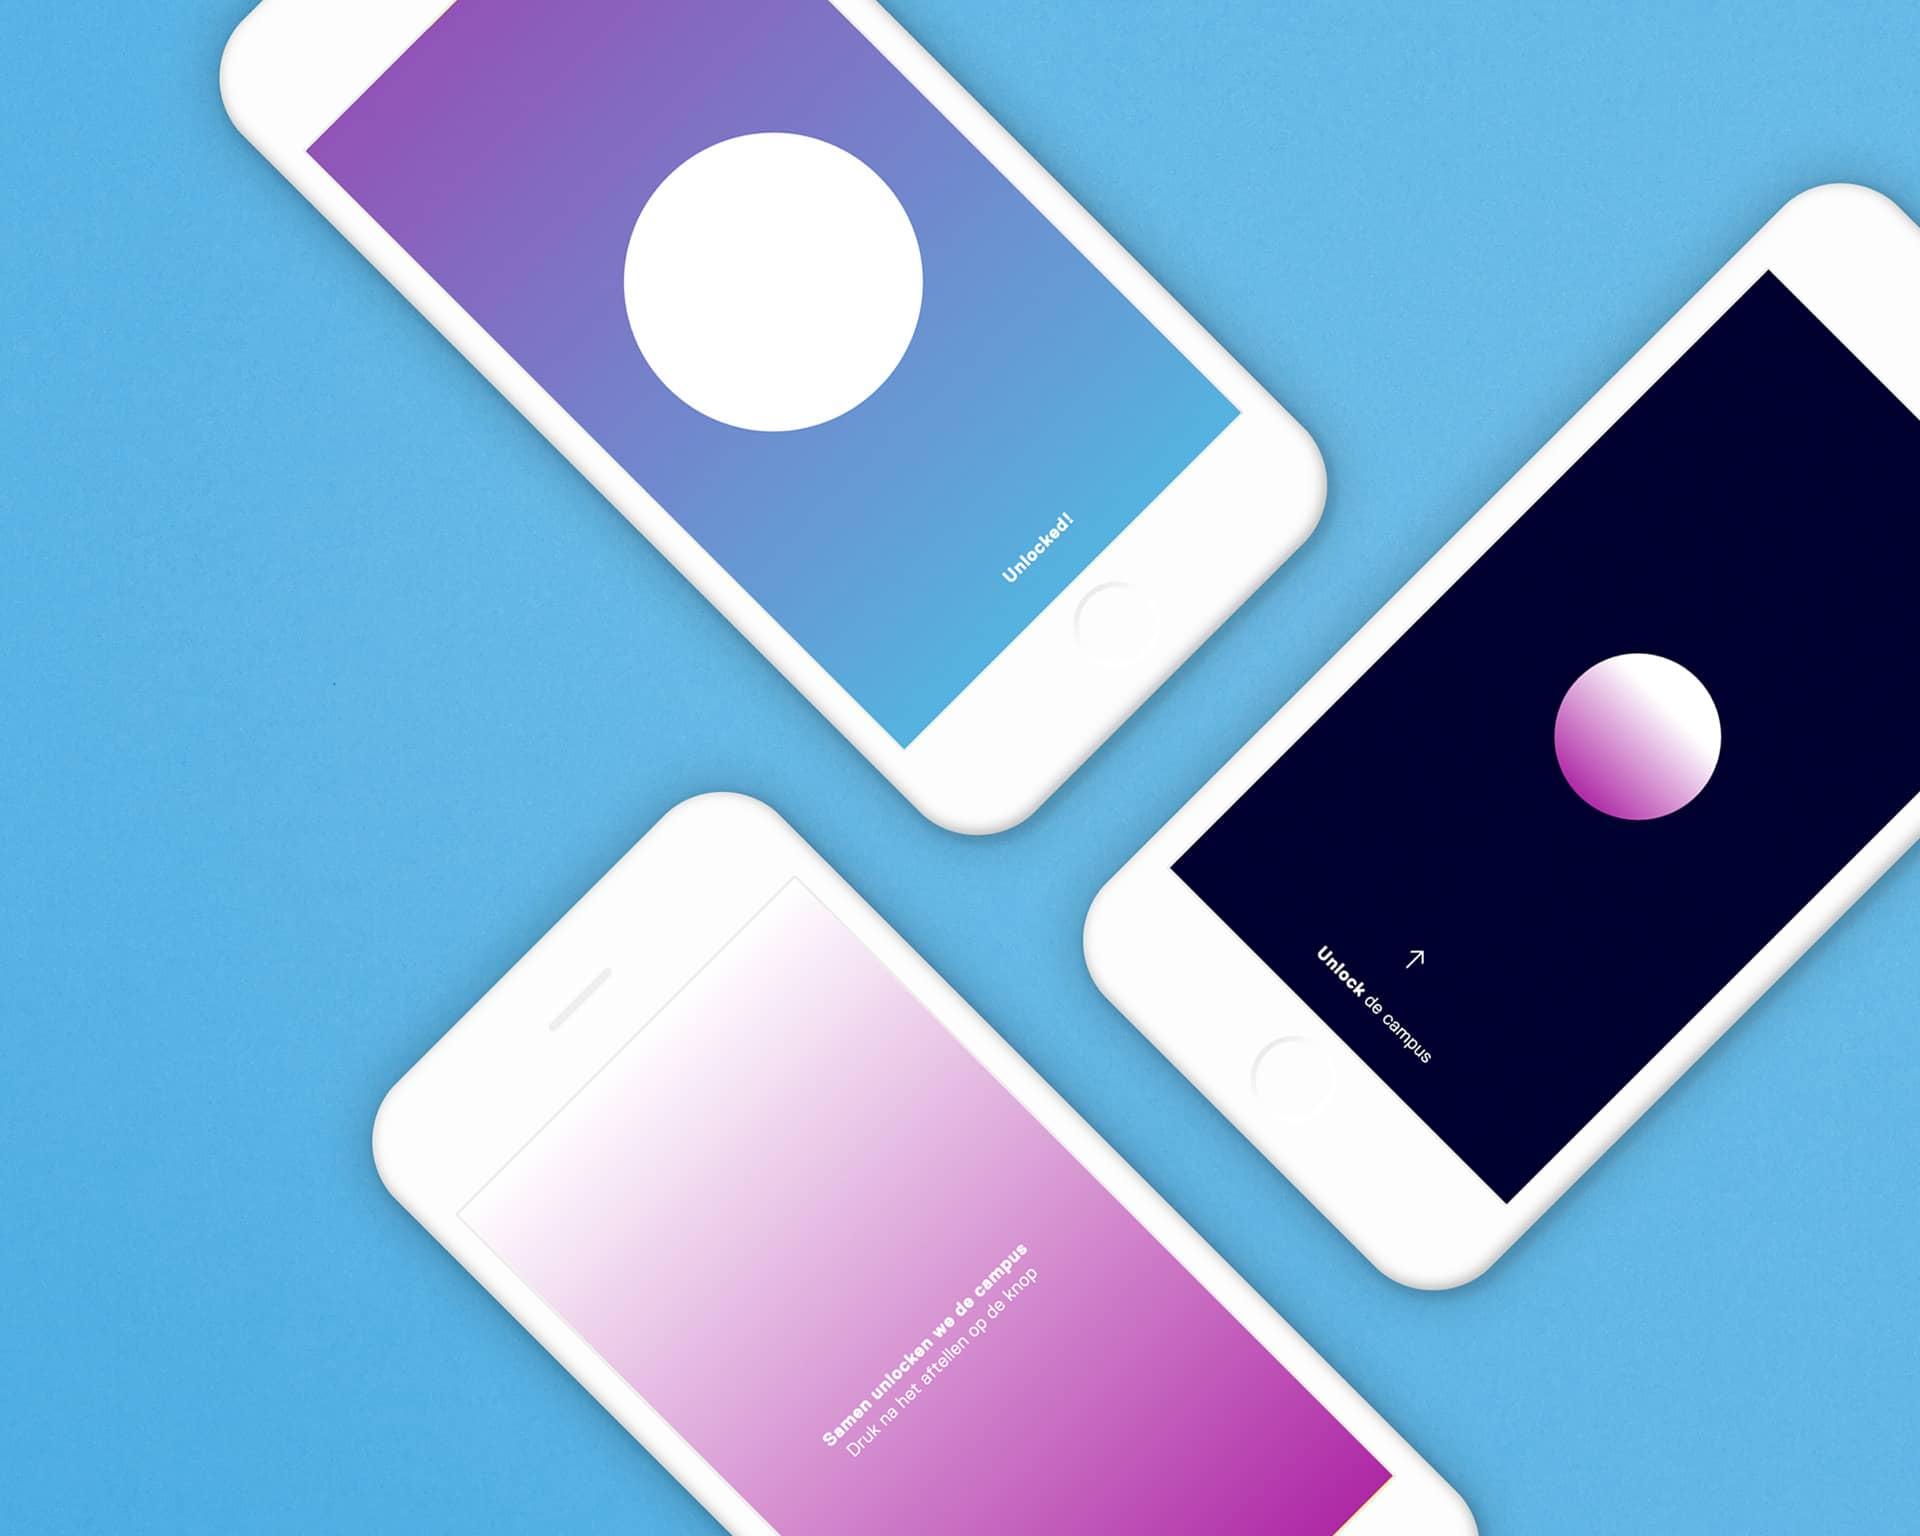 Mobile app voor de opening van de Brightlands Smart Services Campus in Heerlen ontworpen en ontwikkeld door Saus